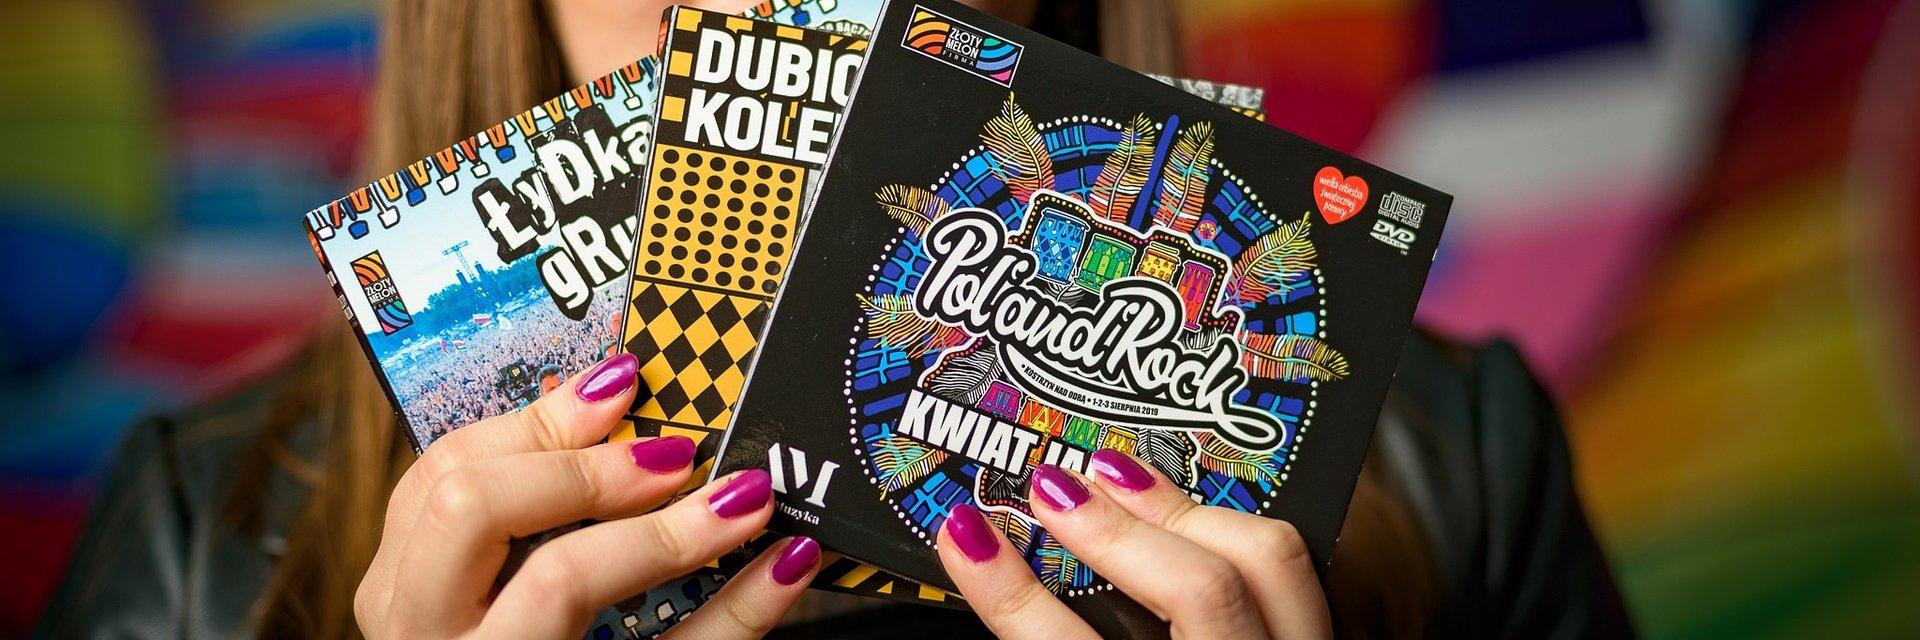 """Złoty Melon największym wydawcą płyt DVD z polską muzyką rockową w wersji """"live"""""""